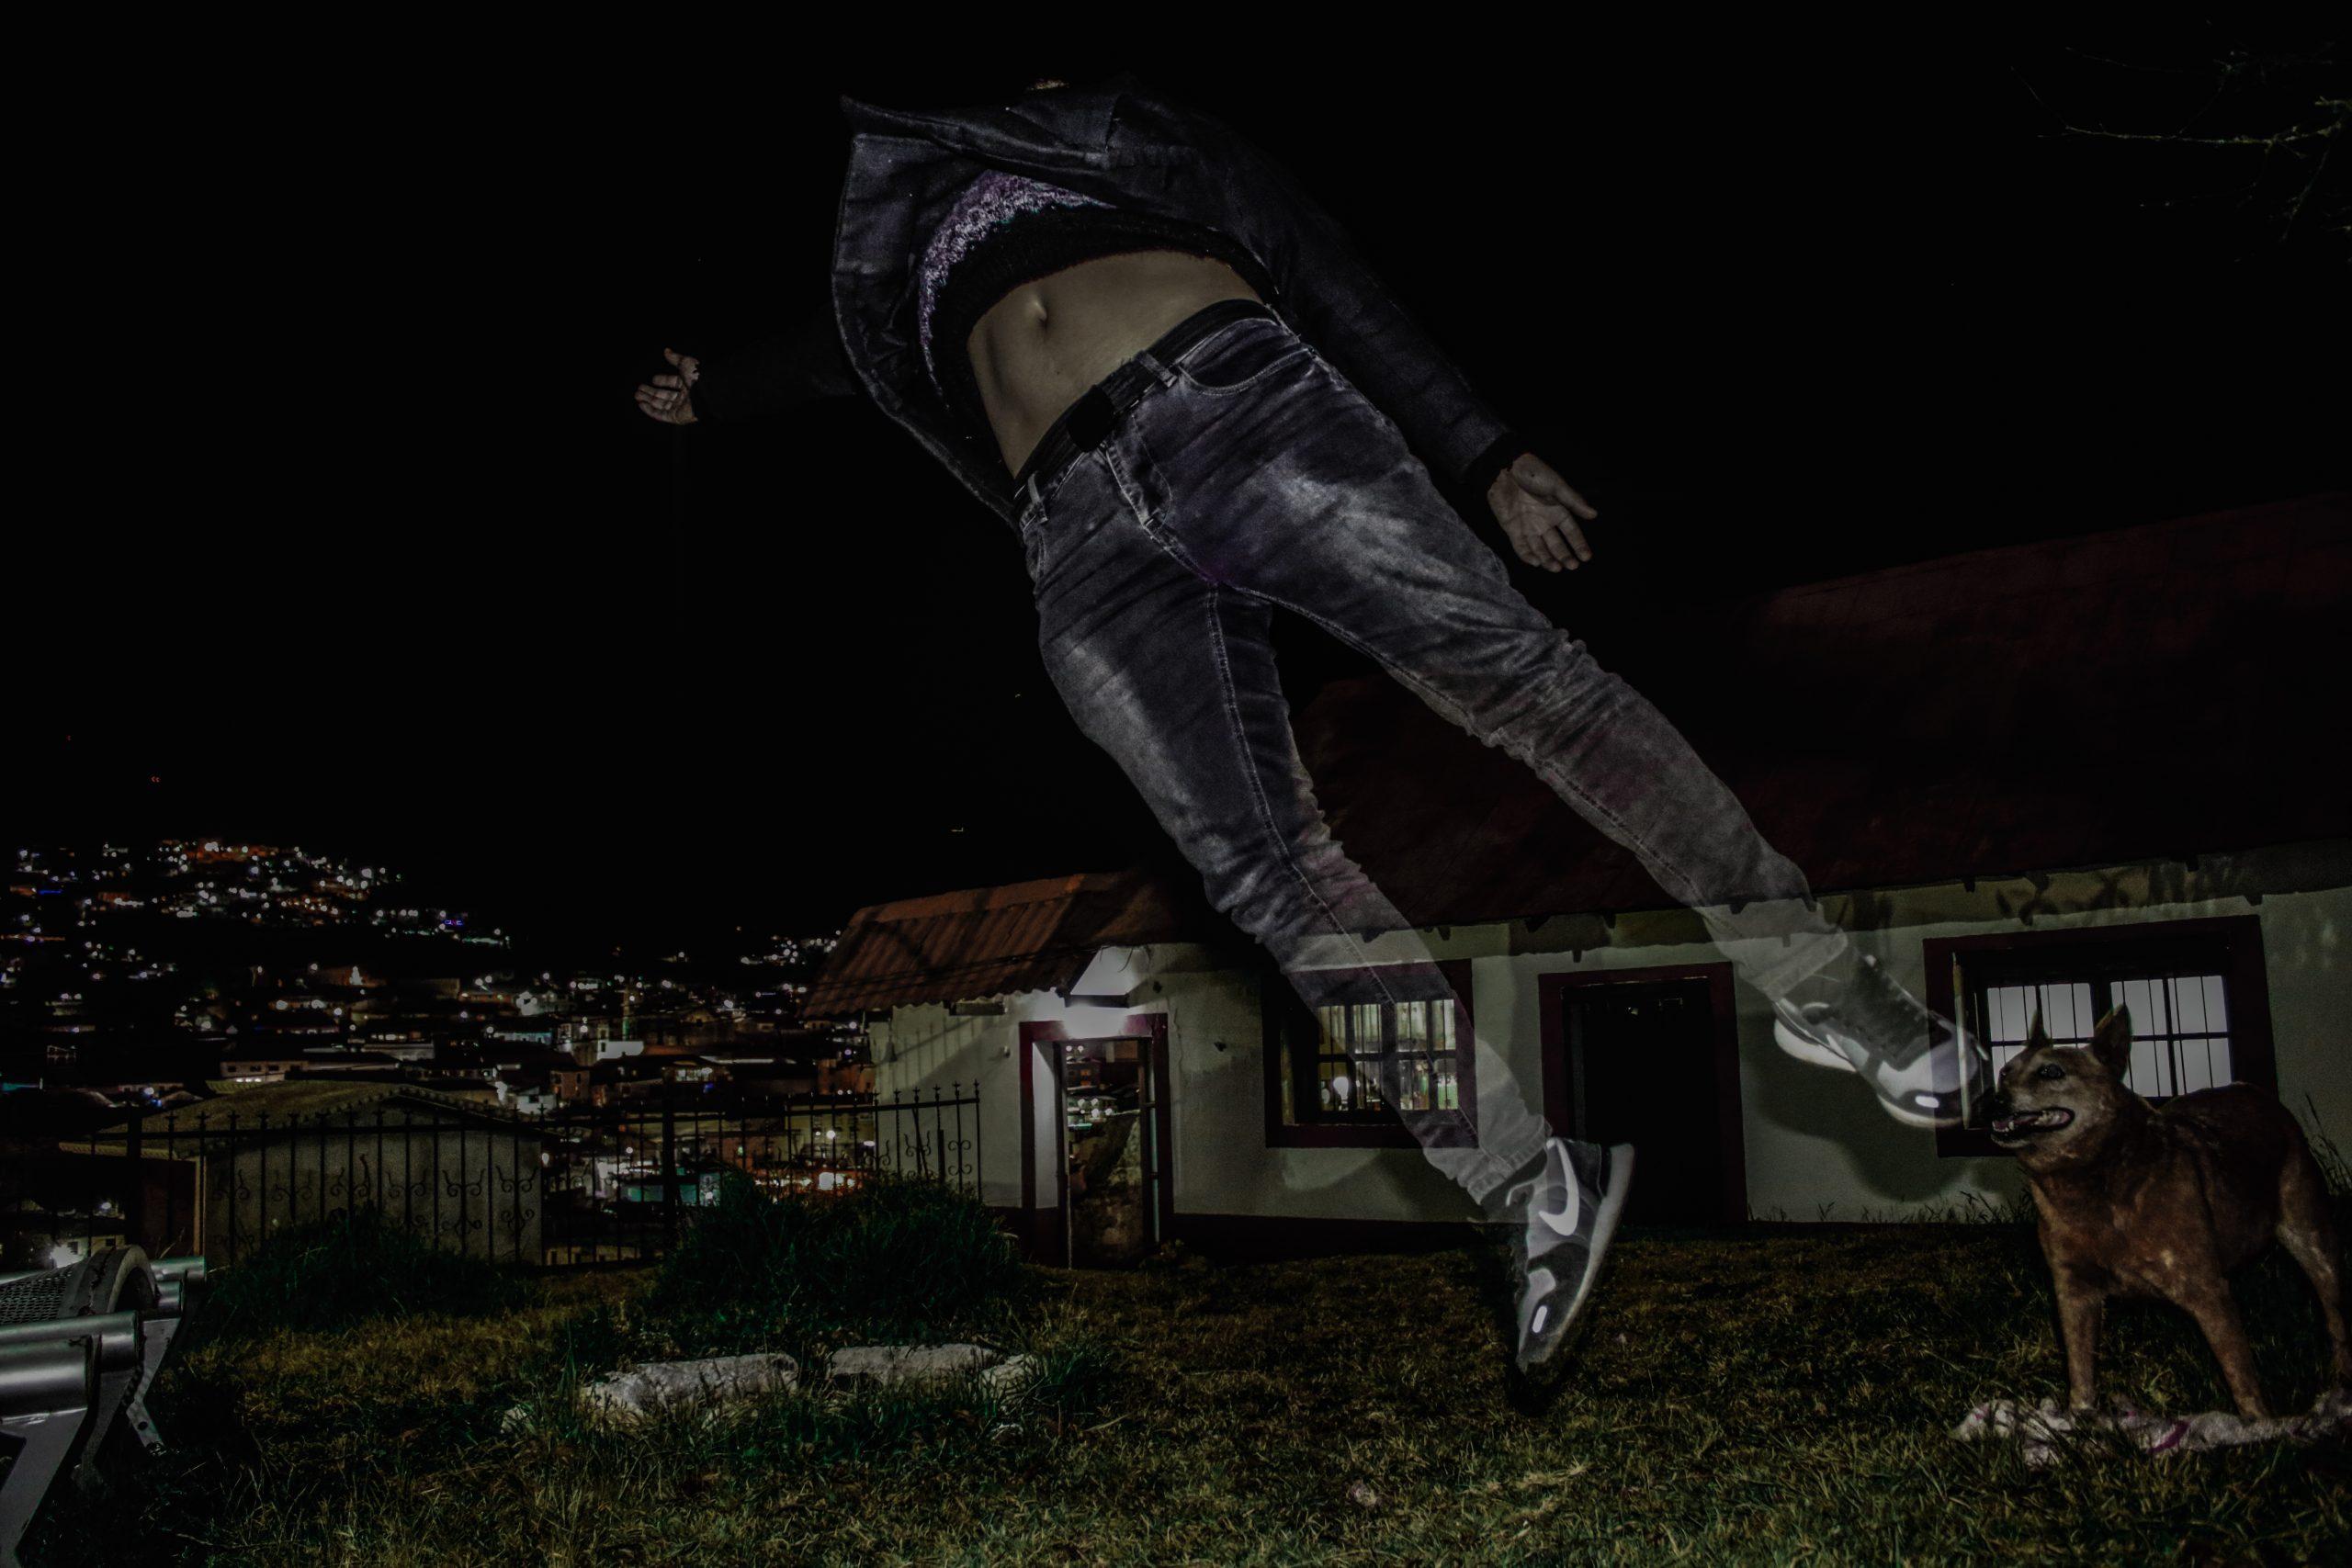 Nabba o Las caídas Arnolda Echavarría Valdivia Antioquia 31 12 2019 scaled